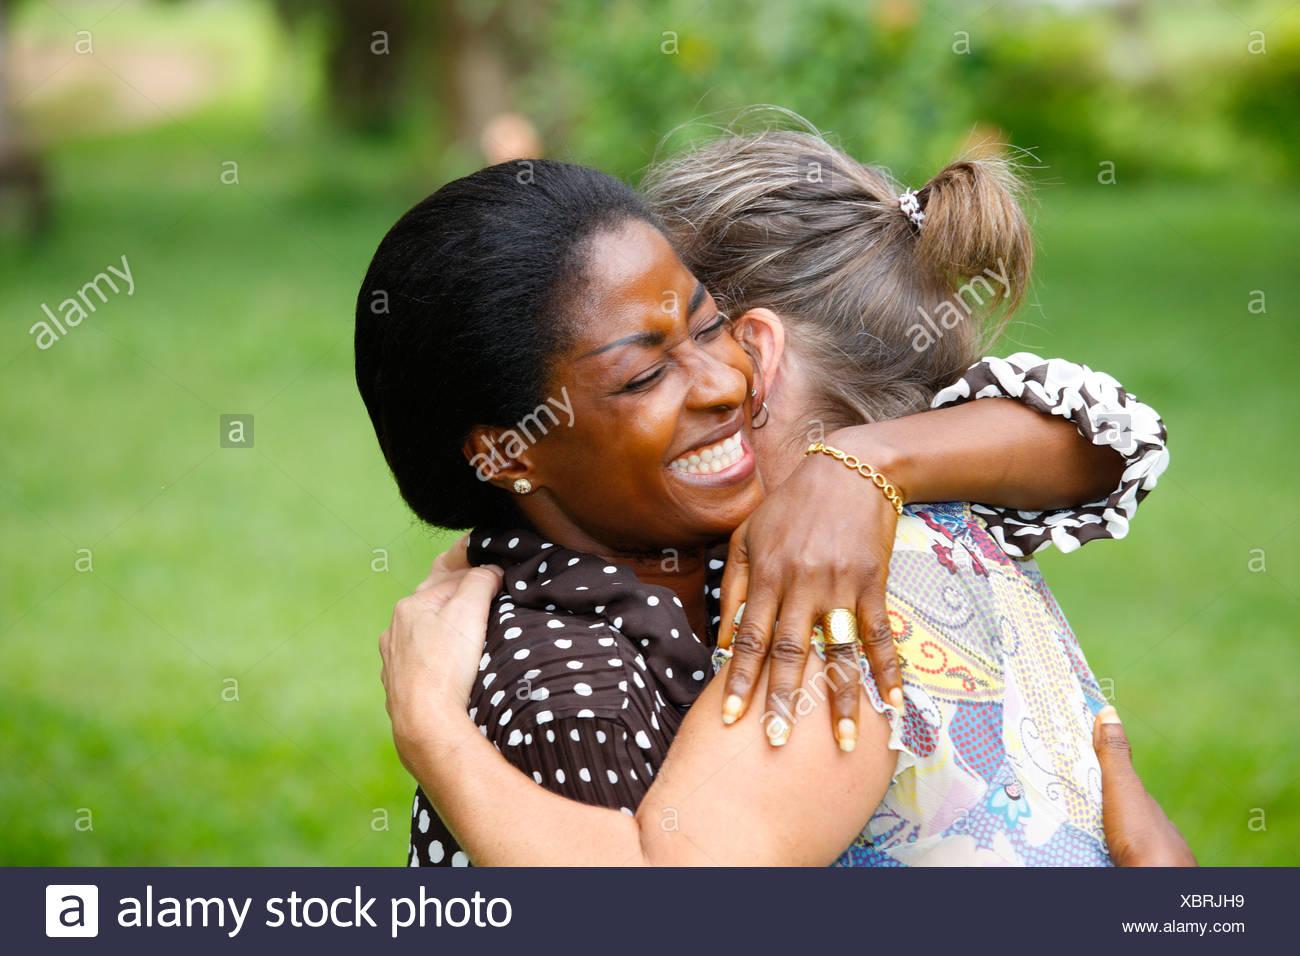 Women, light-skinned and dark-skinned, embracing, Kumba, Cameroon, Africa - Stock Image